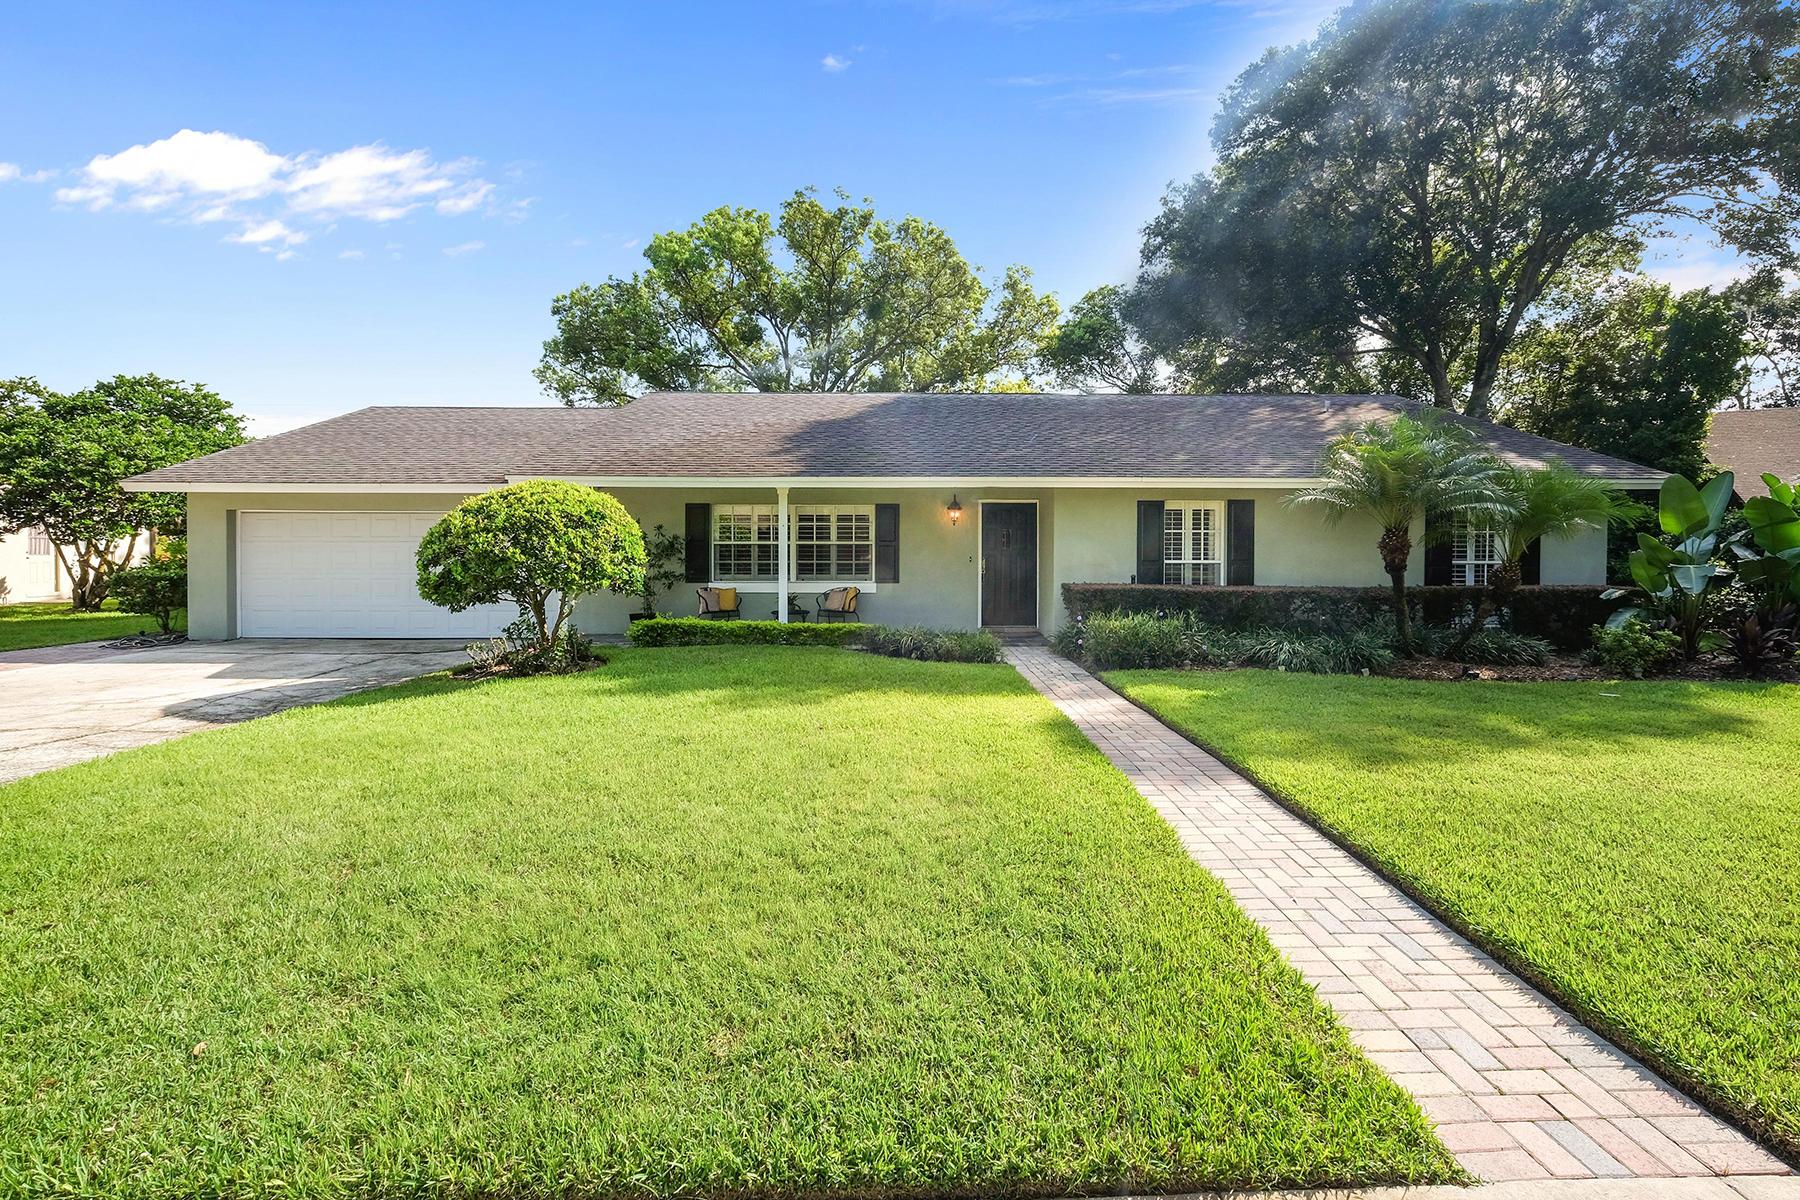 Enfamiljshus för Försäljning vid Maitland 1825 King Arthur Cir Maitland, Florida 32751 Usa